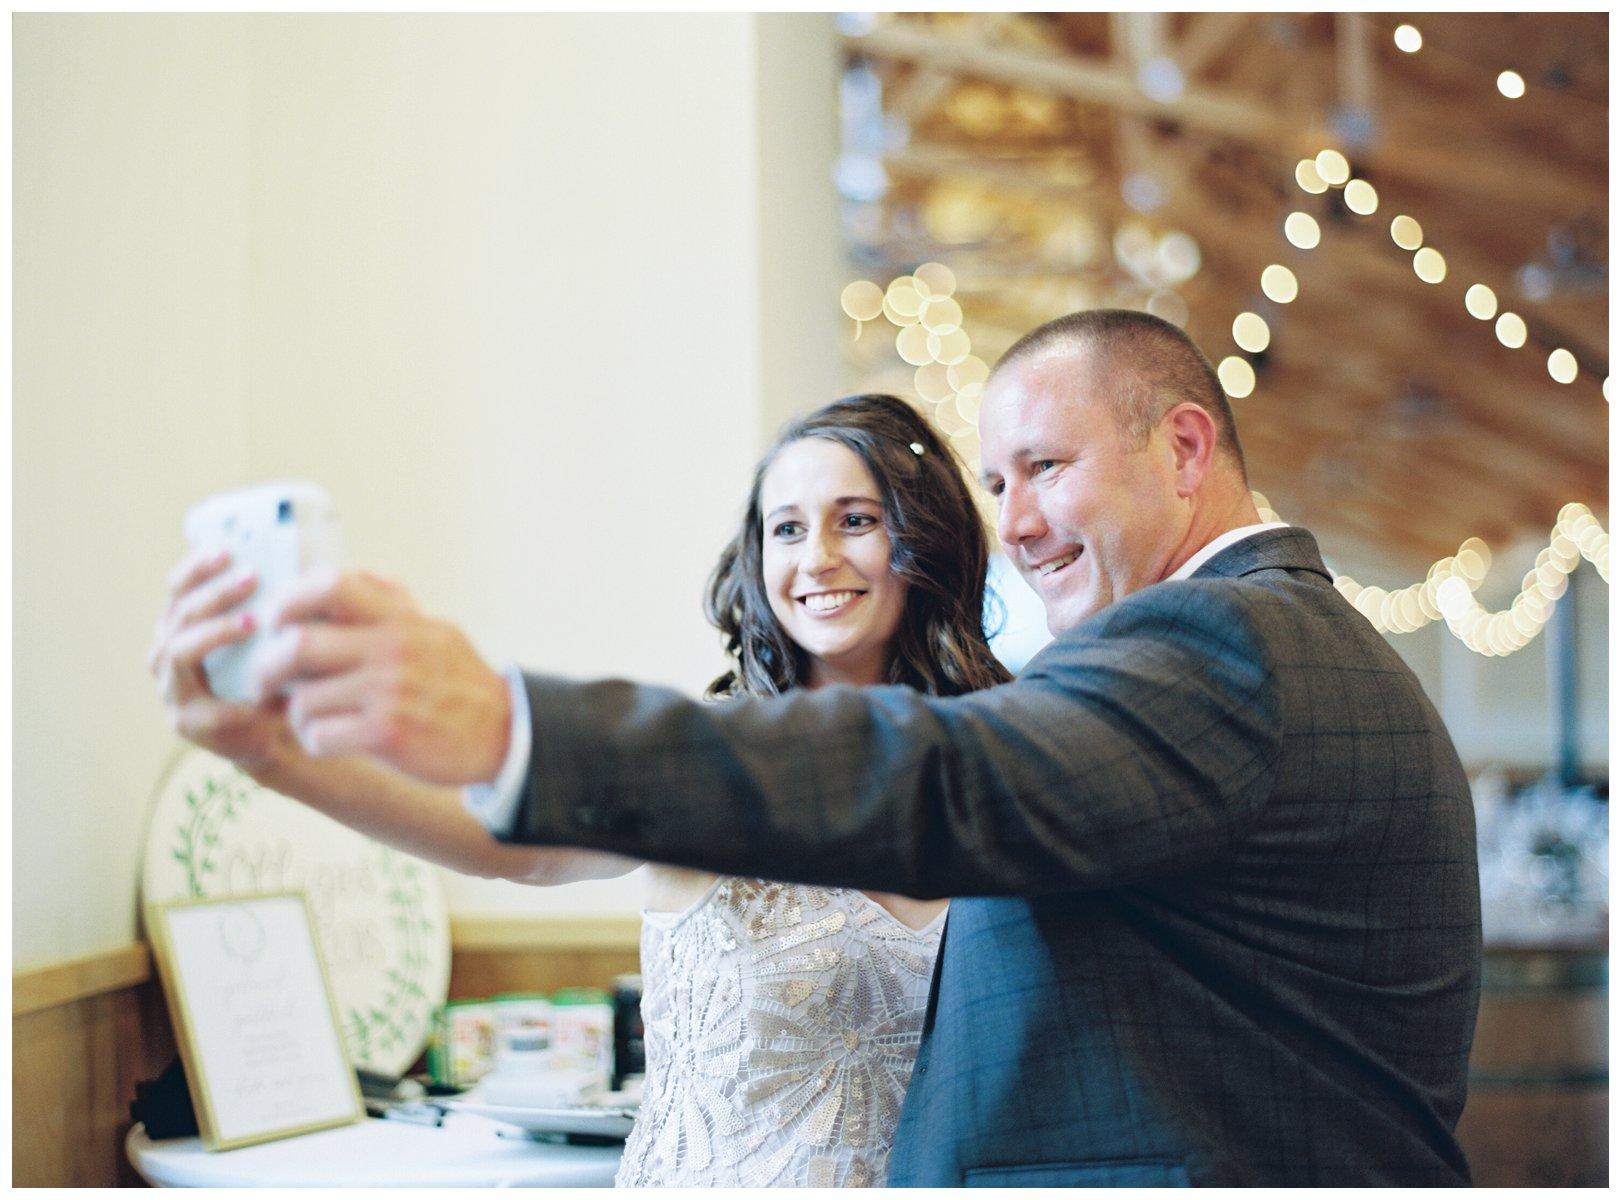 lauren muckler photography_fine art film wedding photography_st louis_photography_2387.jpg